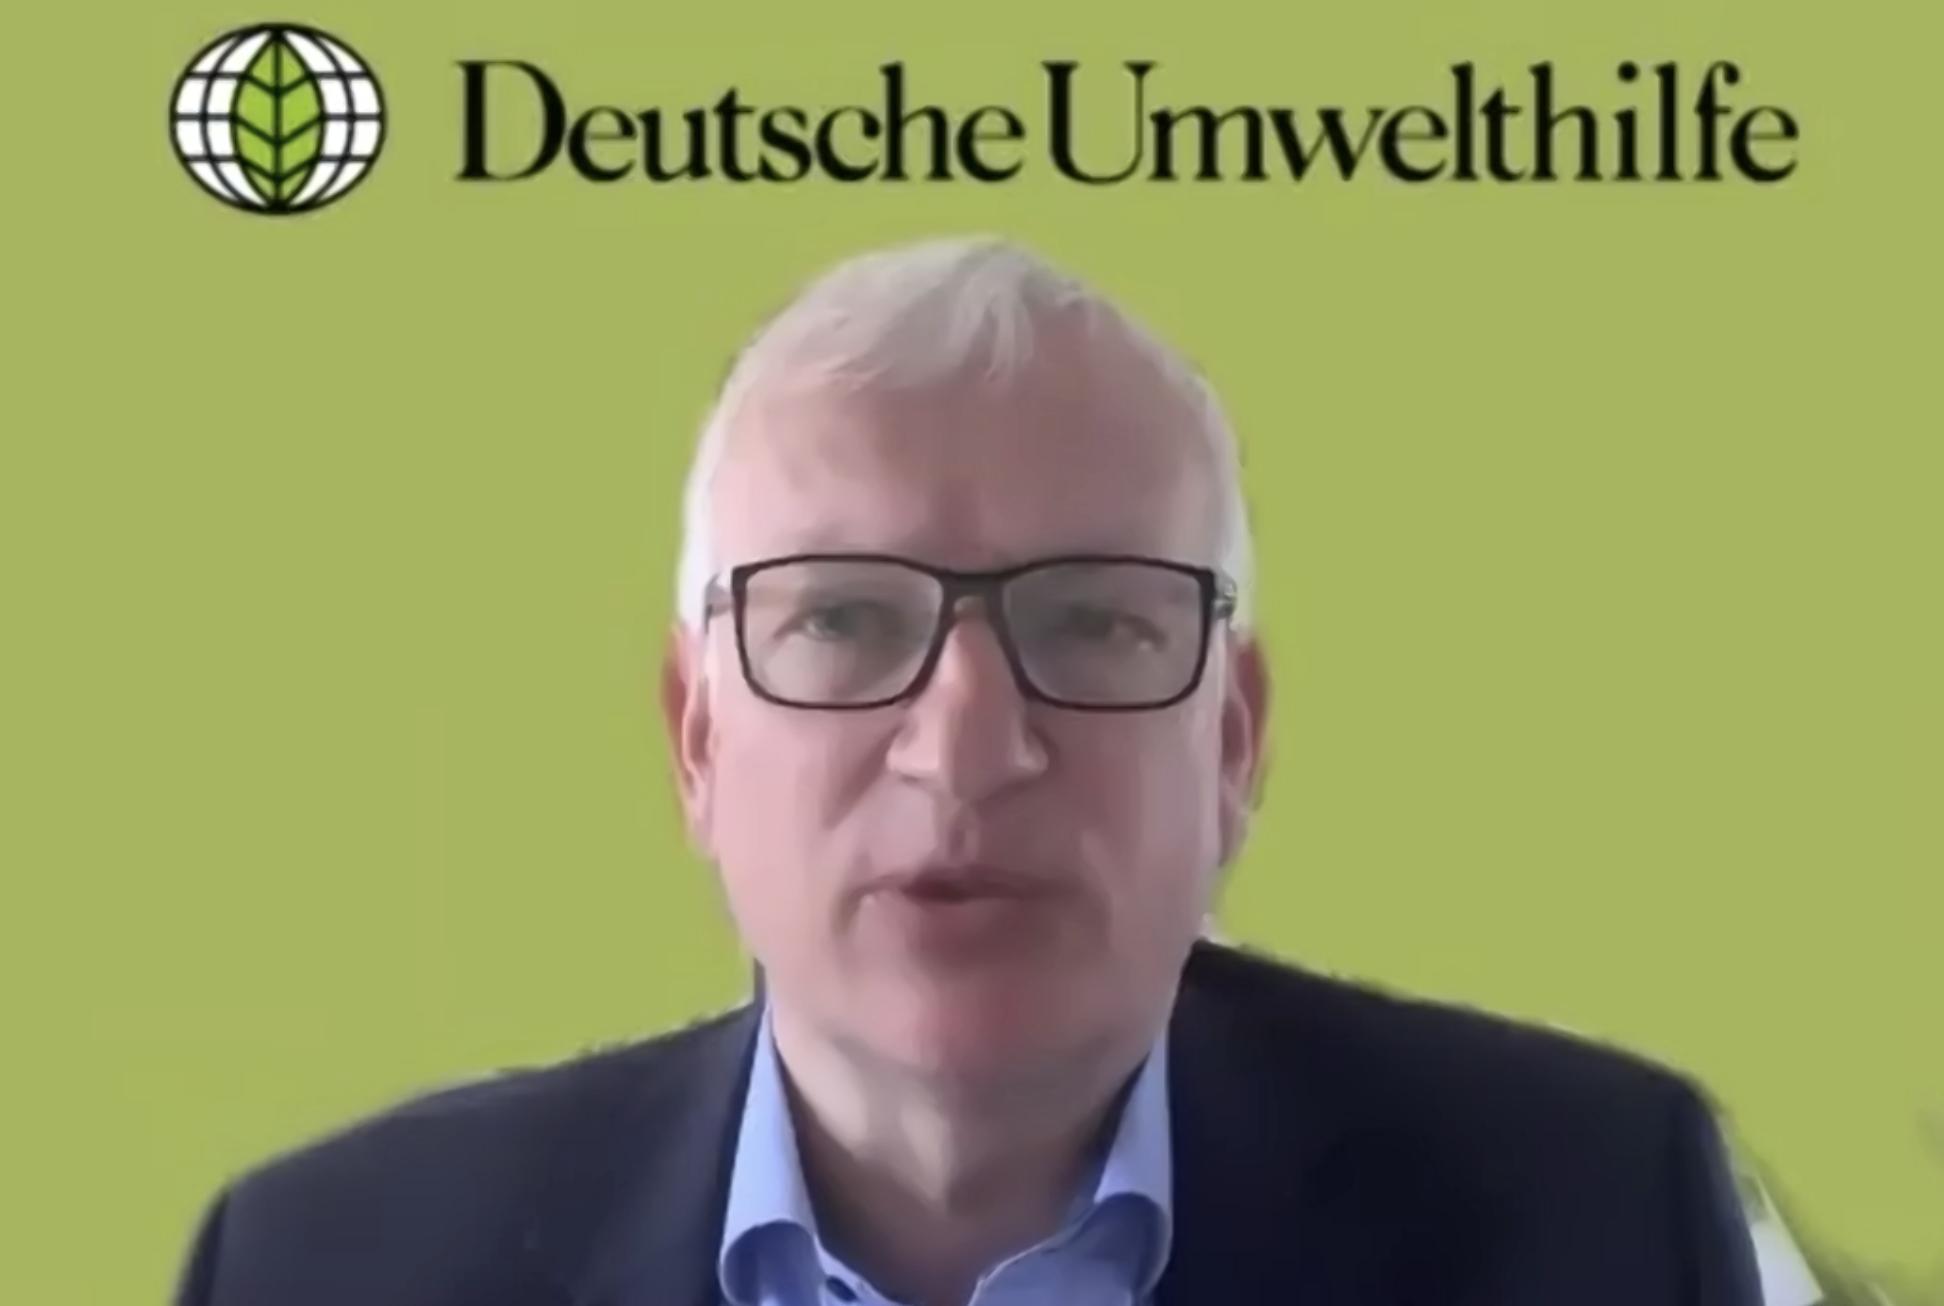 Deutsche Umwelthilfe: Pressekonferenz zu den erhaltenen Akten der Behörden im Abgasskandal